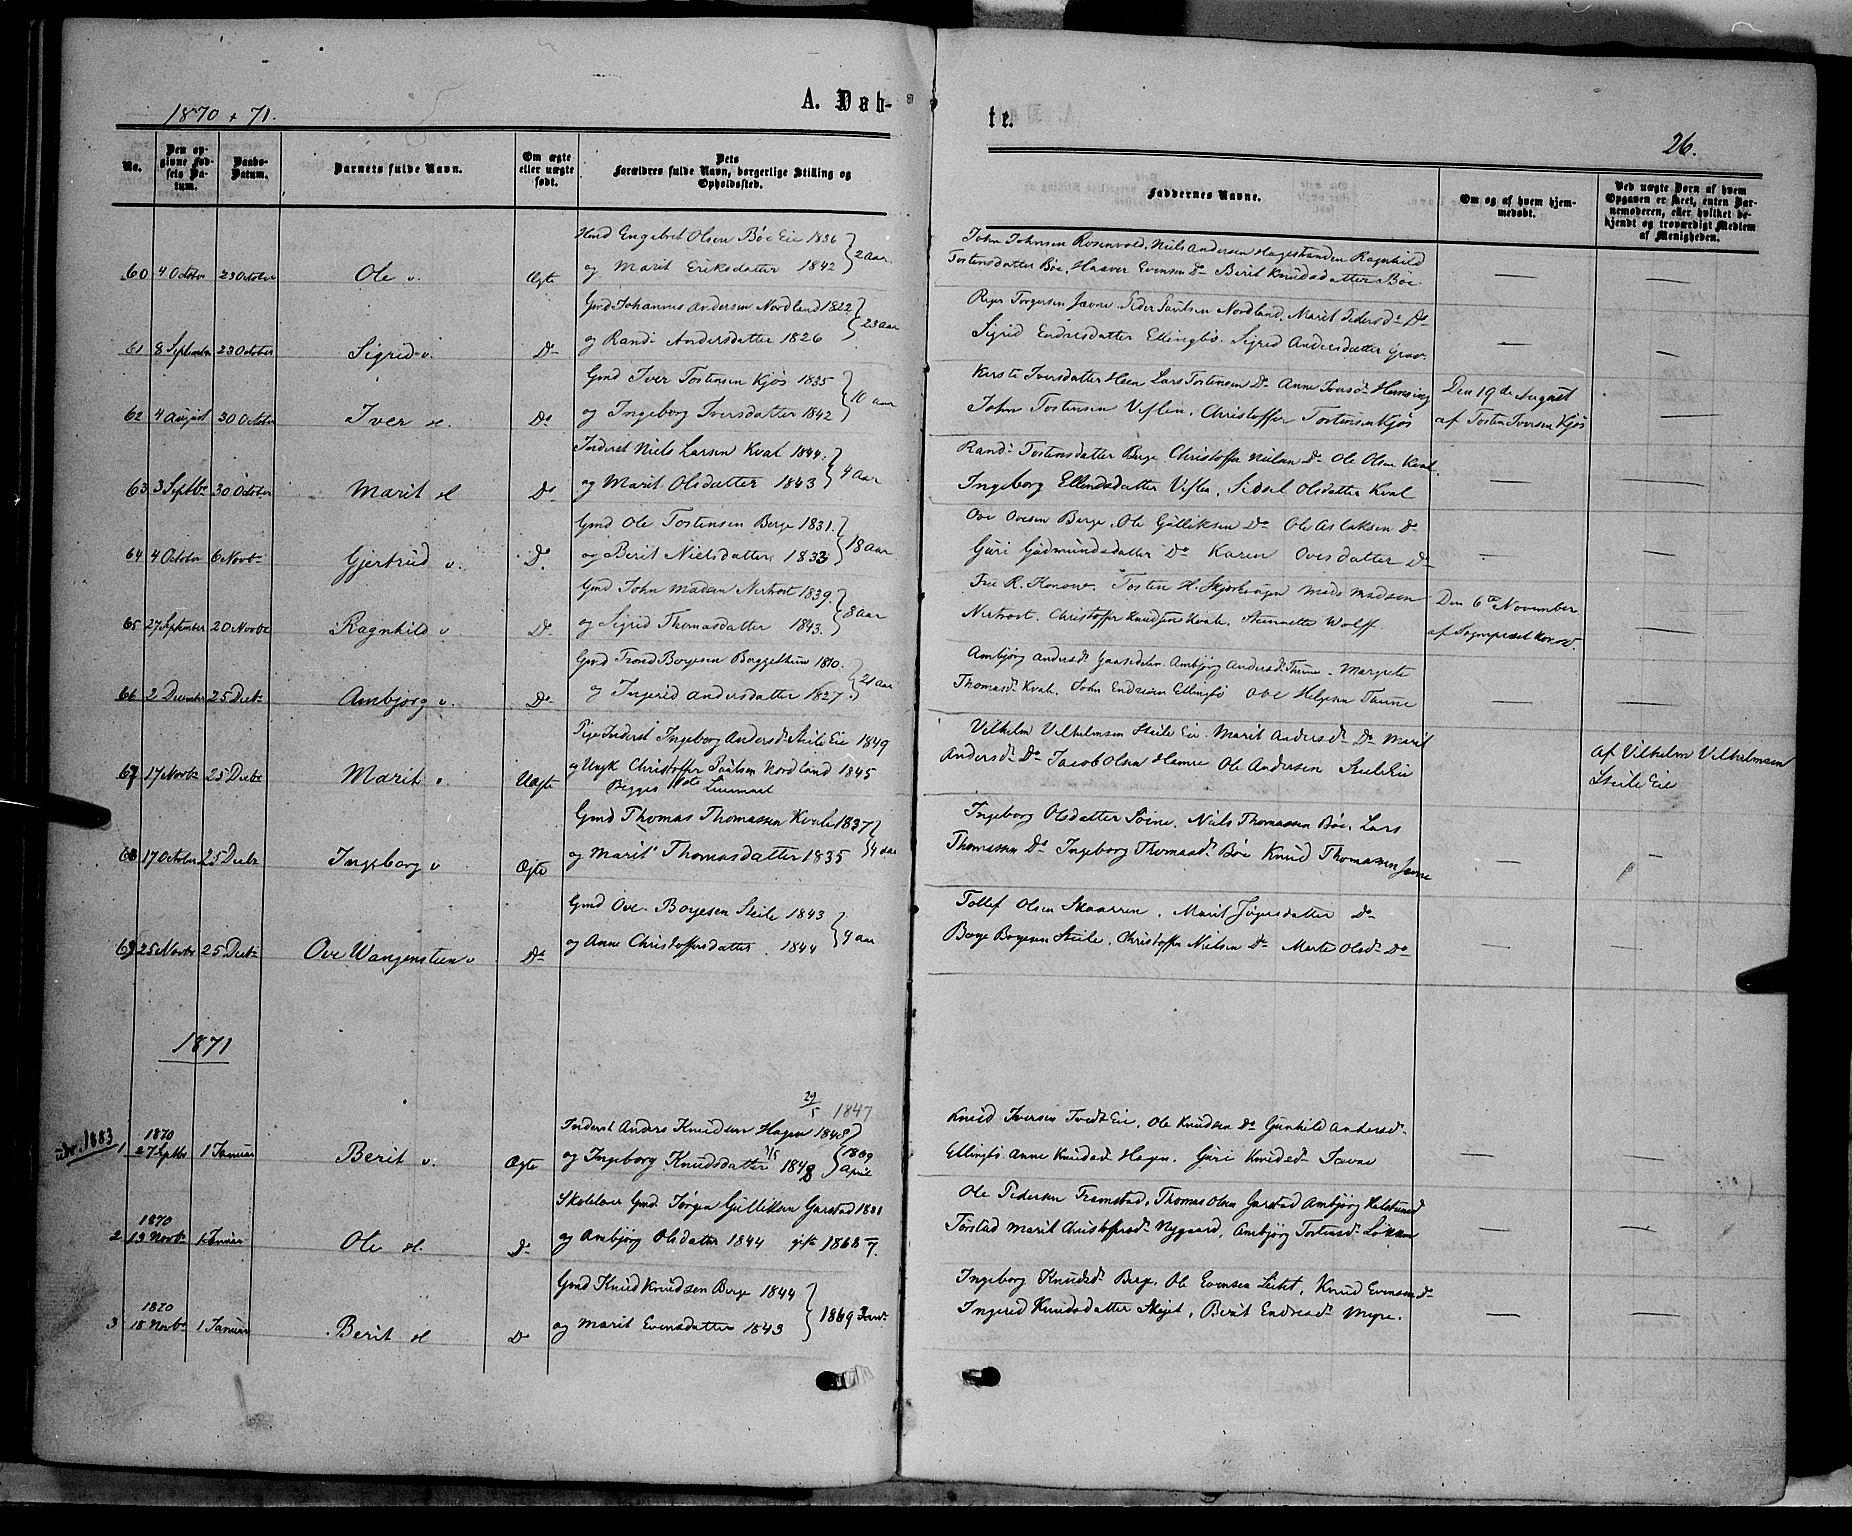 SAH, Vang prestekontor, Valdres, Ministerialbok nr. 7, 1865-1881, s. 26